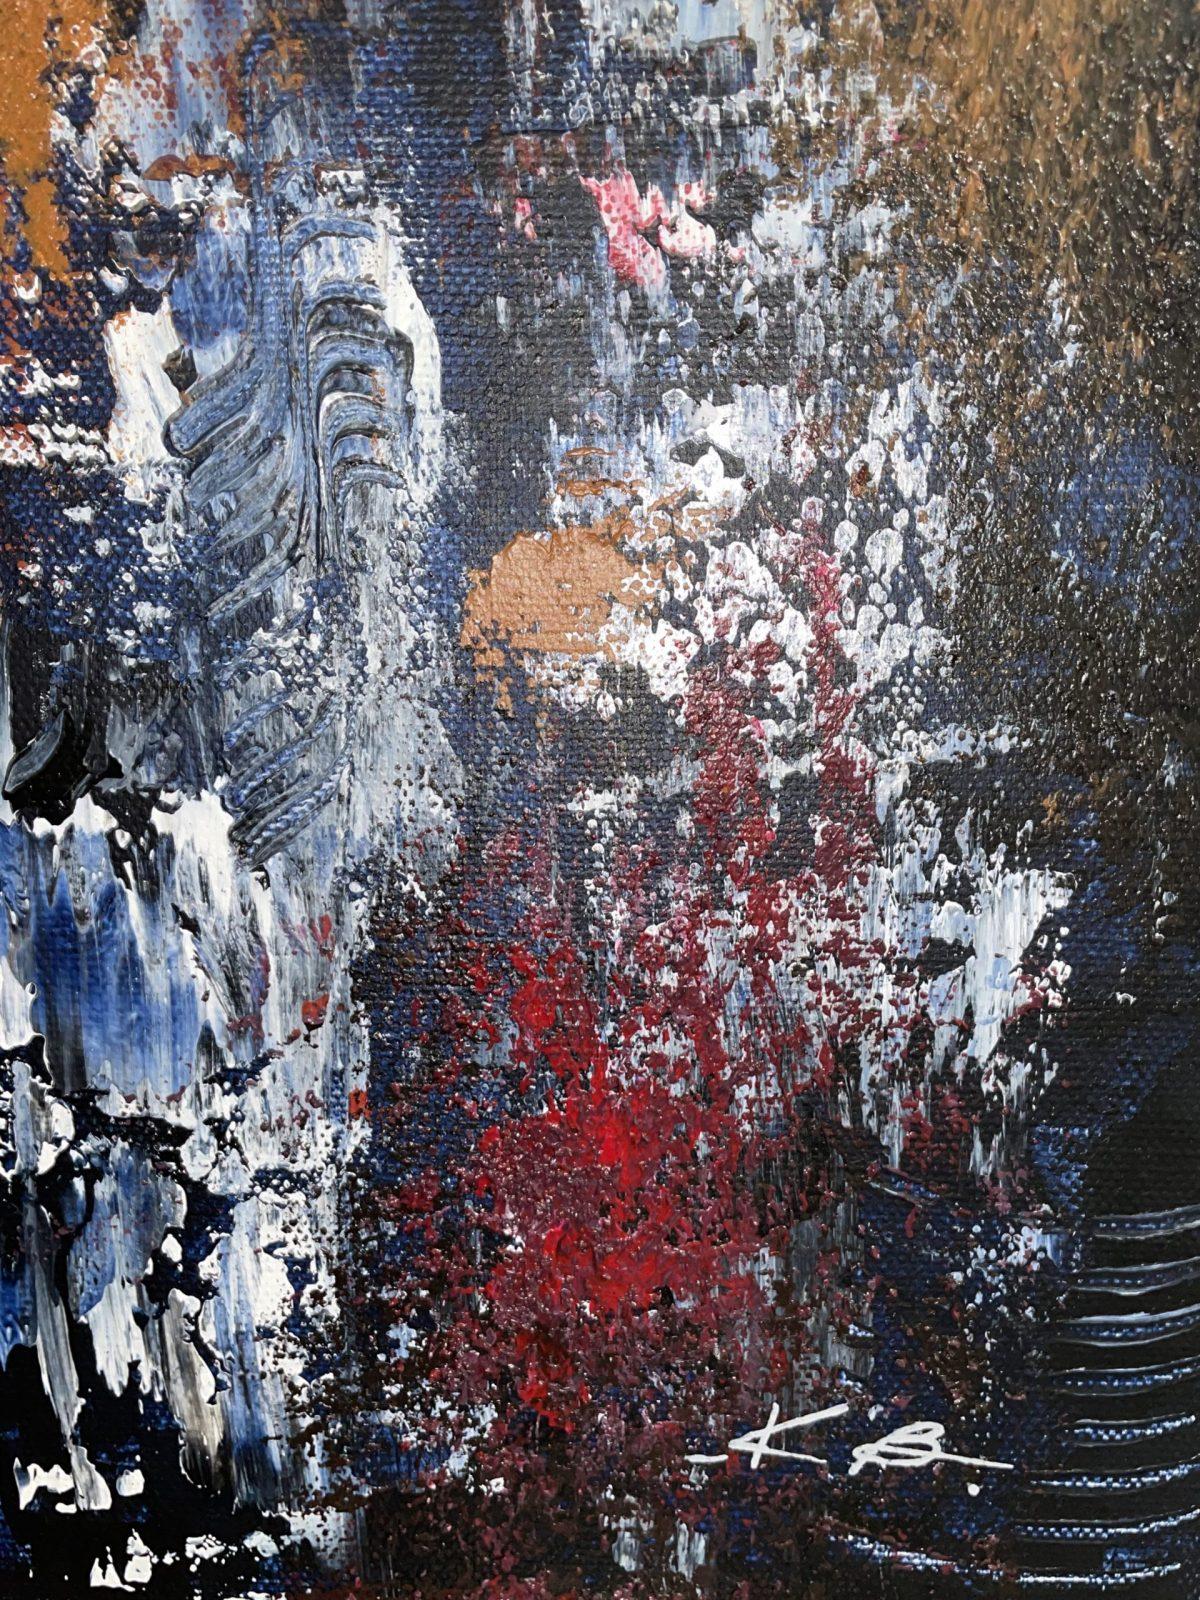 danseuse du Harem de Kate Art, gros plan sur la signature de l'artiste et texture